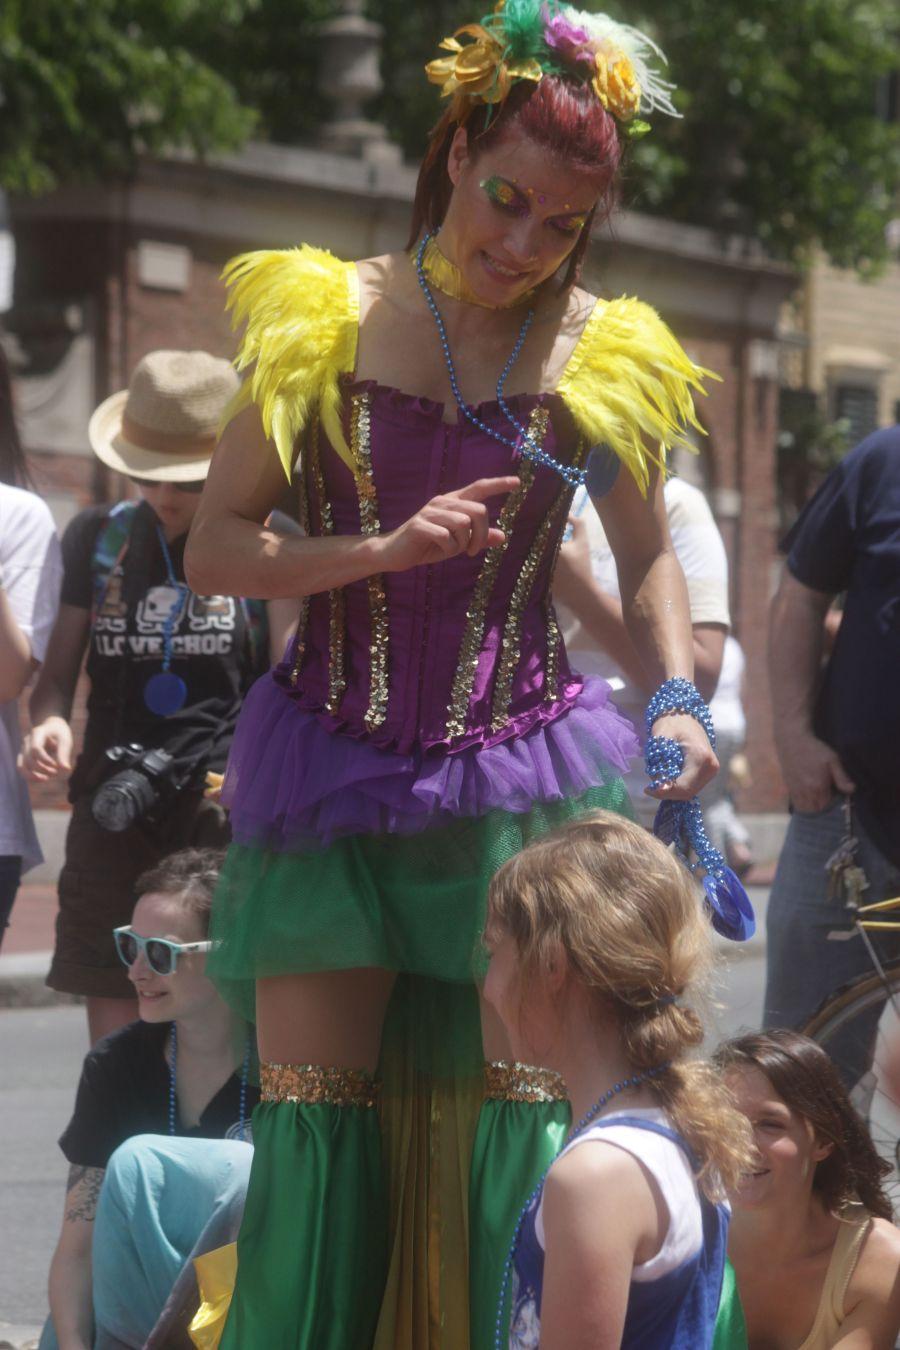 boston harvard square cirque du soleil performers 9